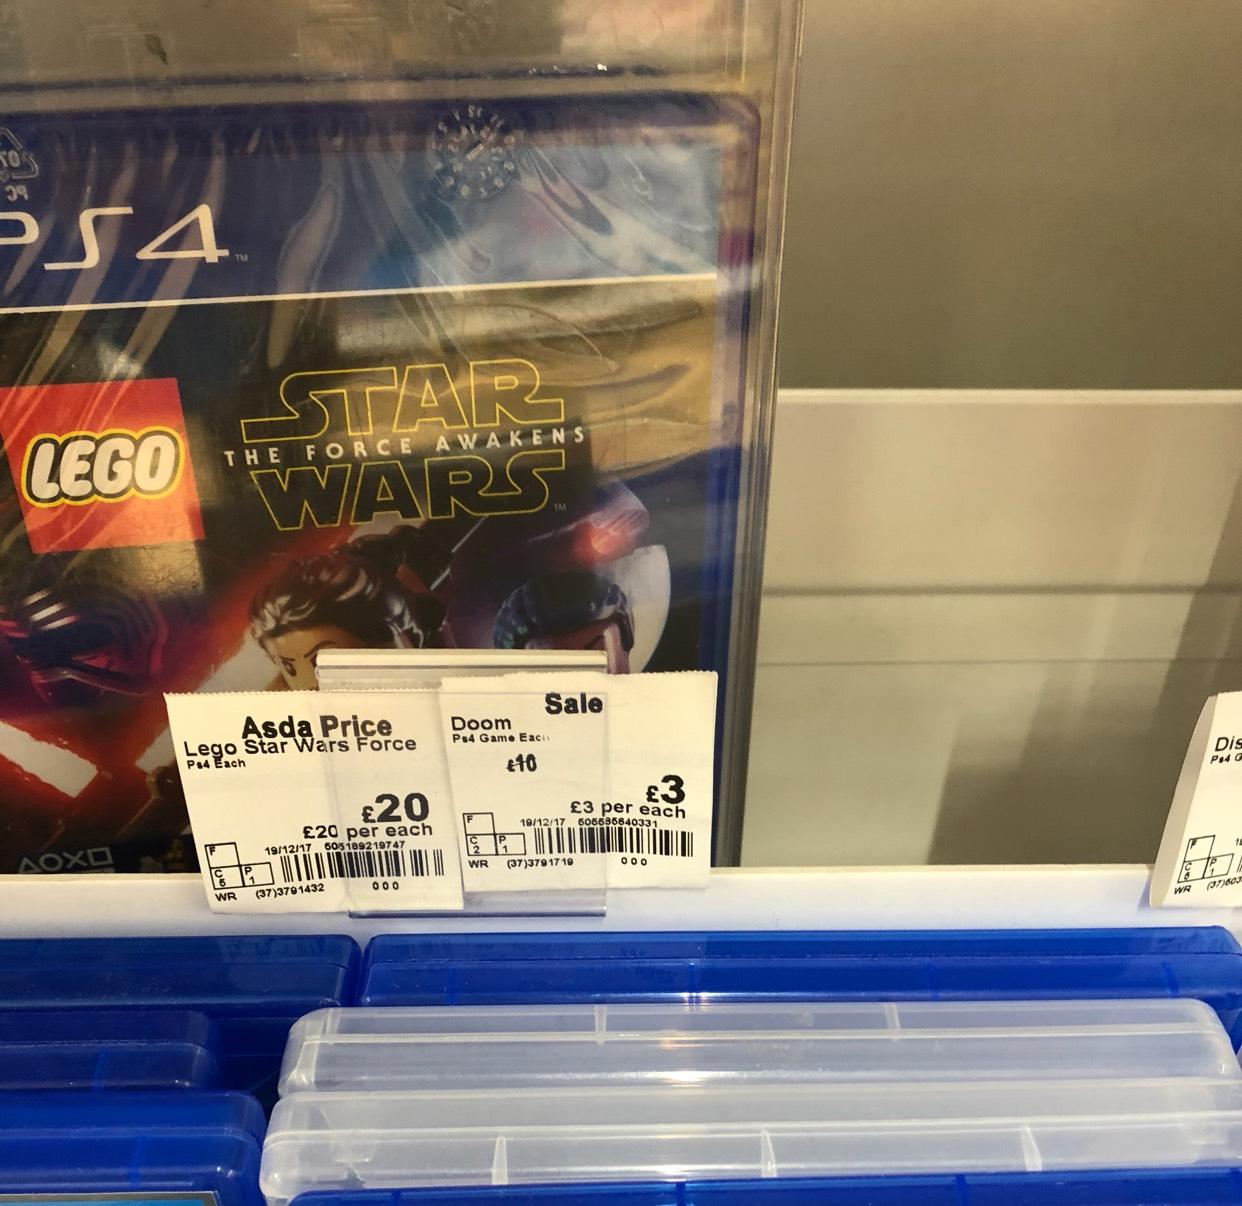 Doom - £3 at Asda instore